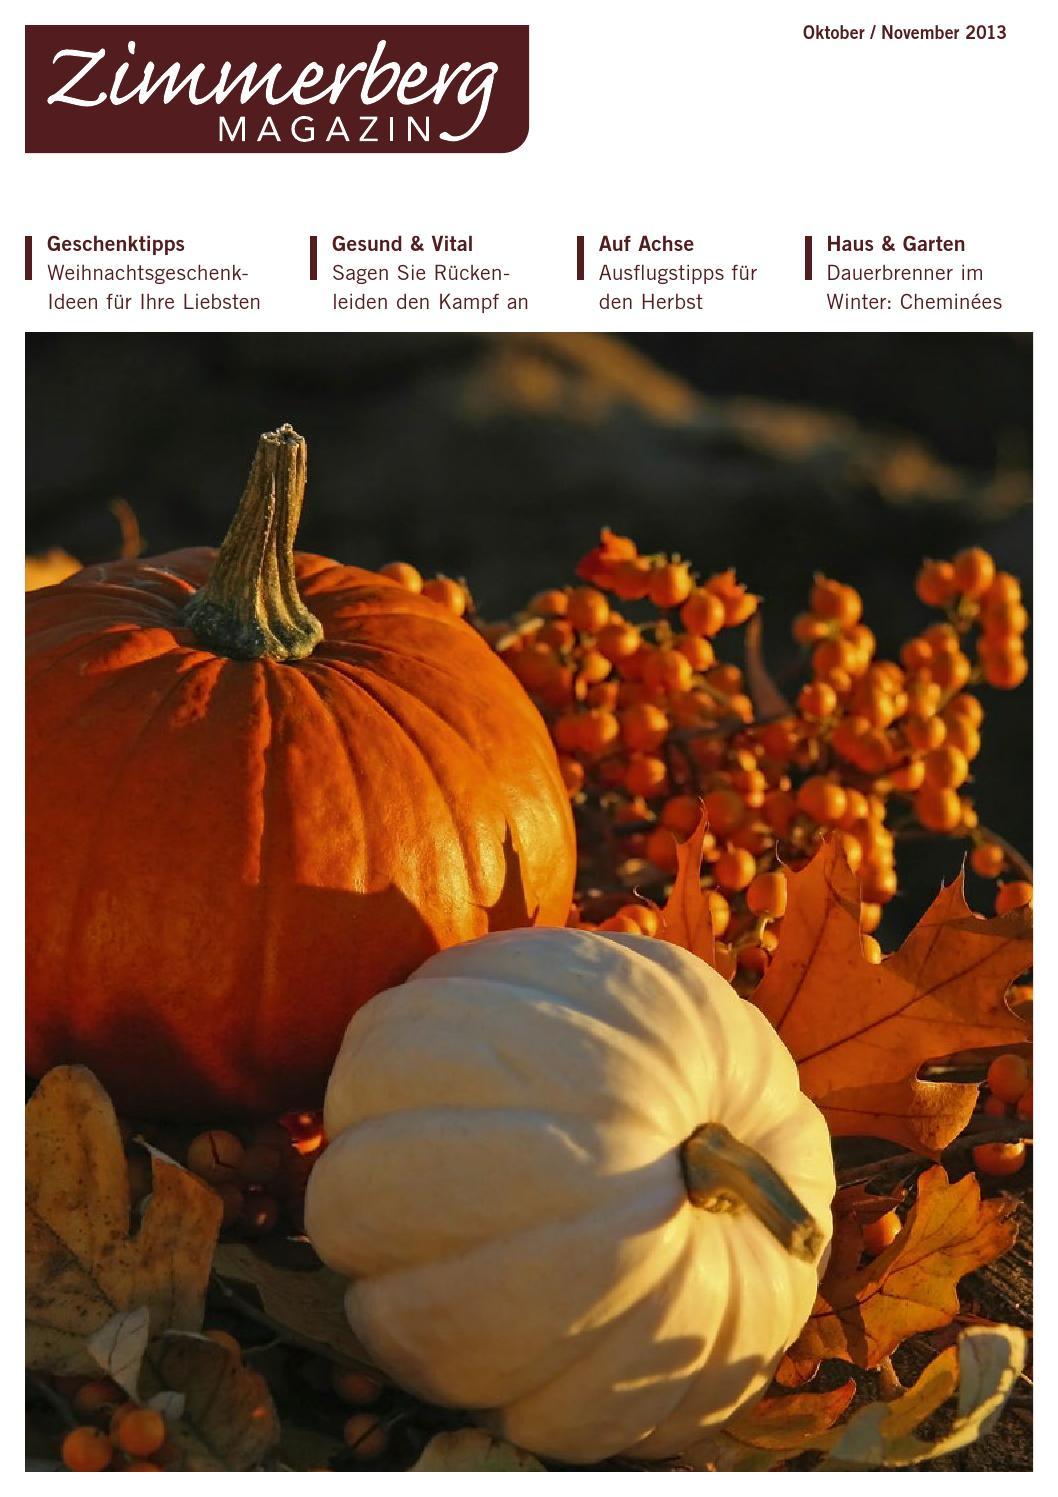 Zimmerberg Magazin, Okt./Nov. 2013 by inpuncto Verlag - issuu